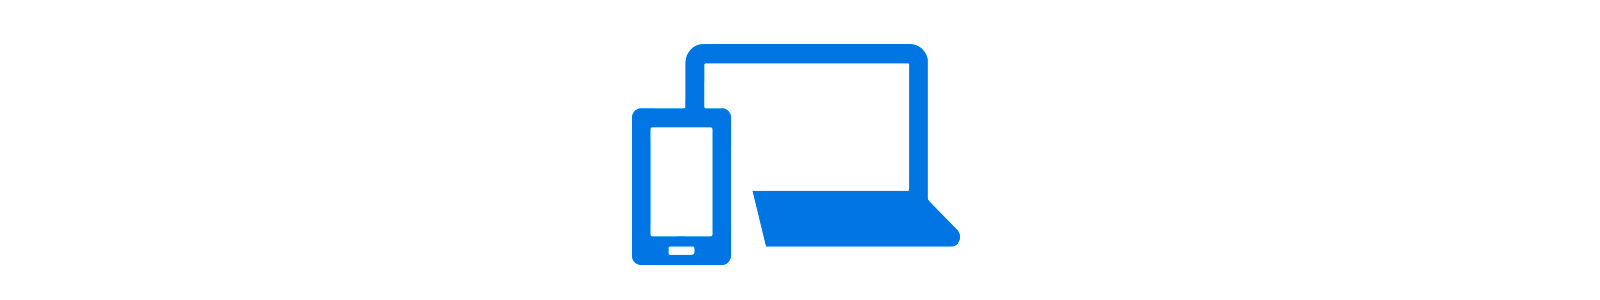 手機版 Continuum 圖示